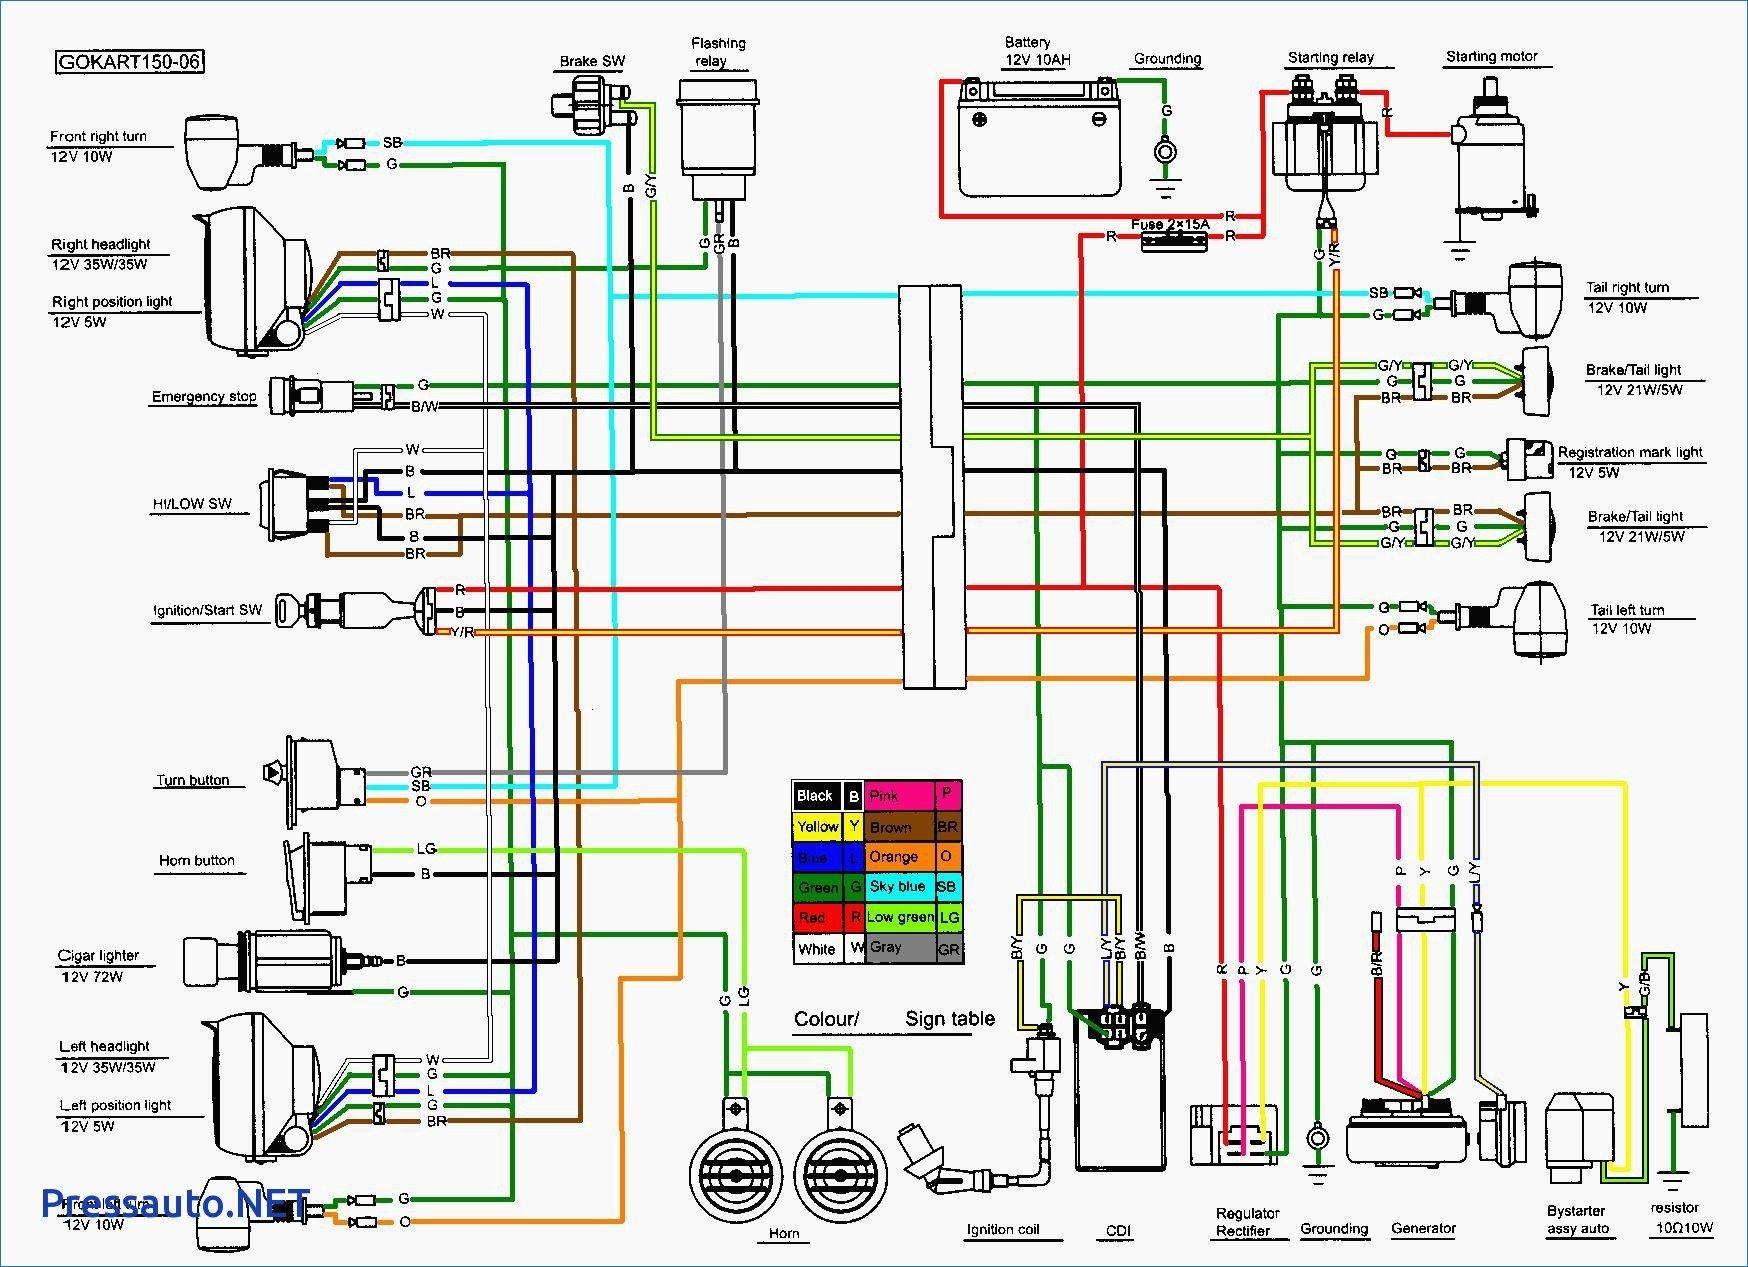 6 Wire Cdi Wiring Diagram - Wiring Diagram Blog - 6 Pin Cdi Wiring Diagram